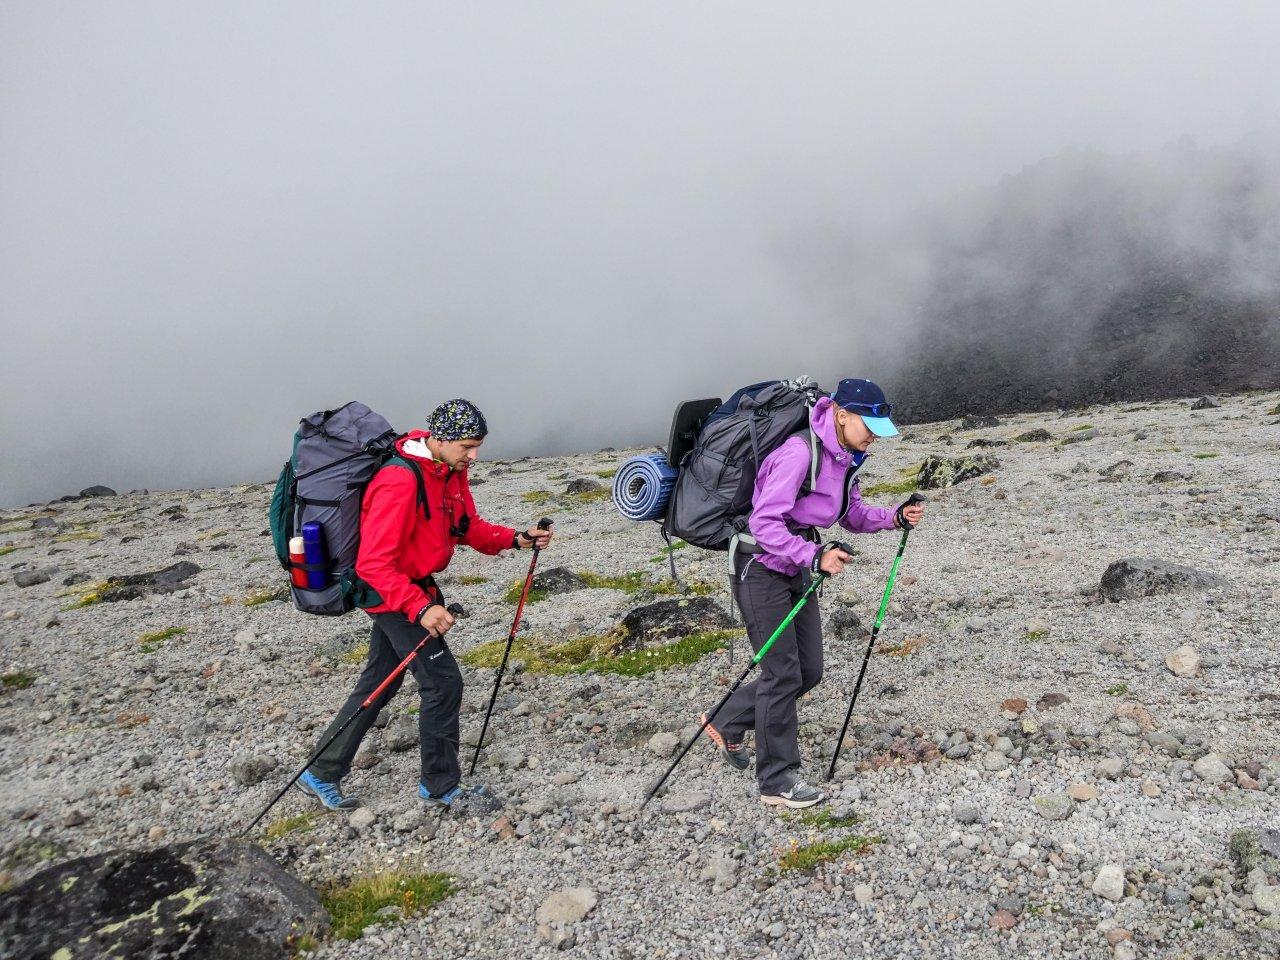 Участники похода на Эльбрус летом 2017 года. Руководитель группы — Михаил Рычагов. Фото: Андрей Изотов